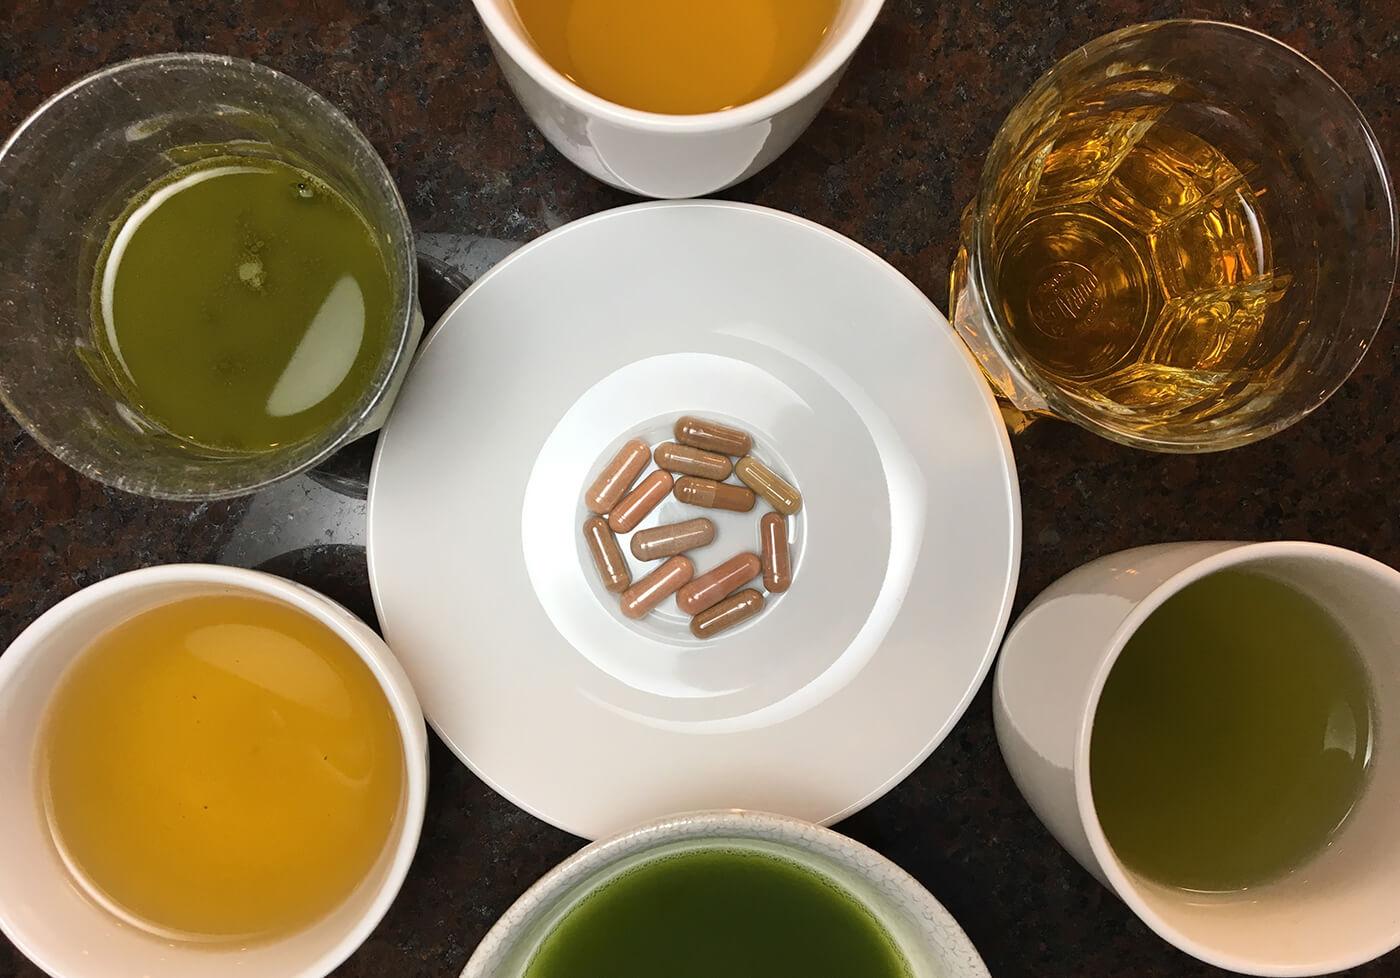 Revisión de té verde: suplementos, preparable, matcha y embotellado 1